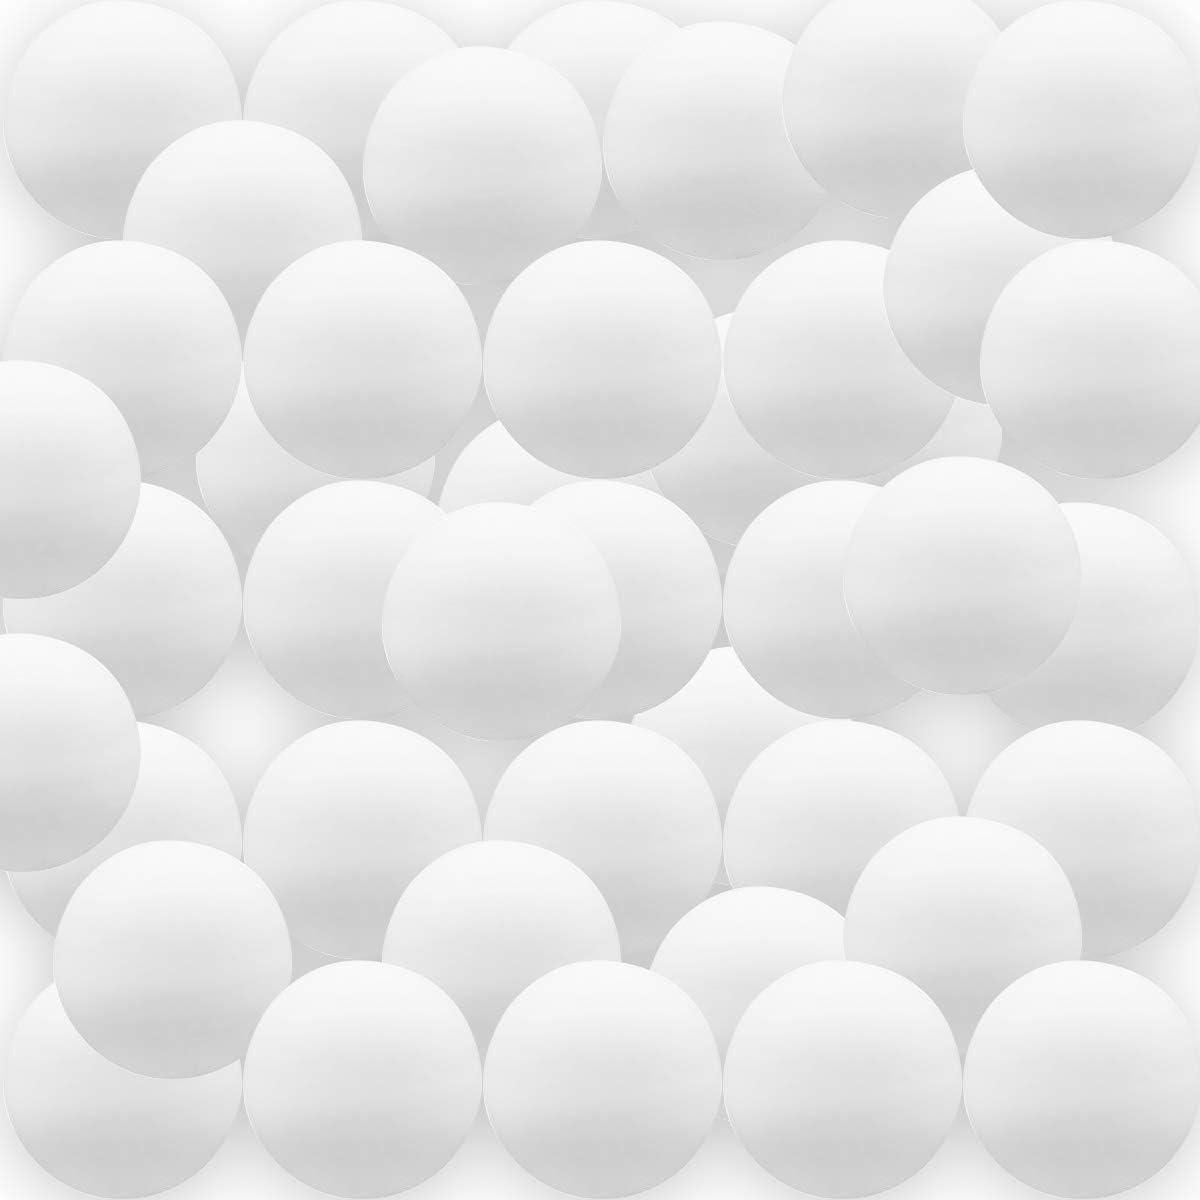 40 mm Tischtennisb/älle f/ür Training und Wettkampf WLKK 150 St/ück//Beutel Mehrzweck-Tischtennisb/älle f/ür zu Hause